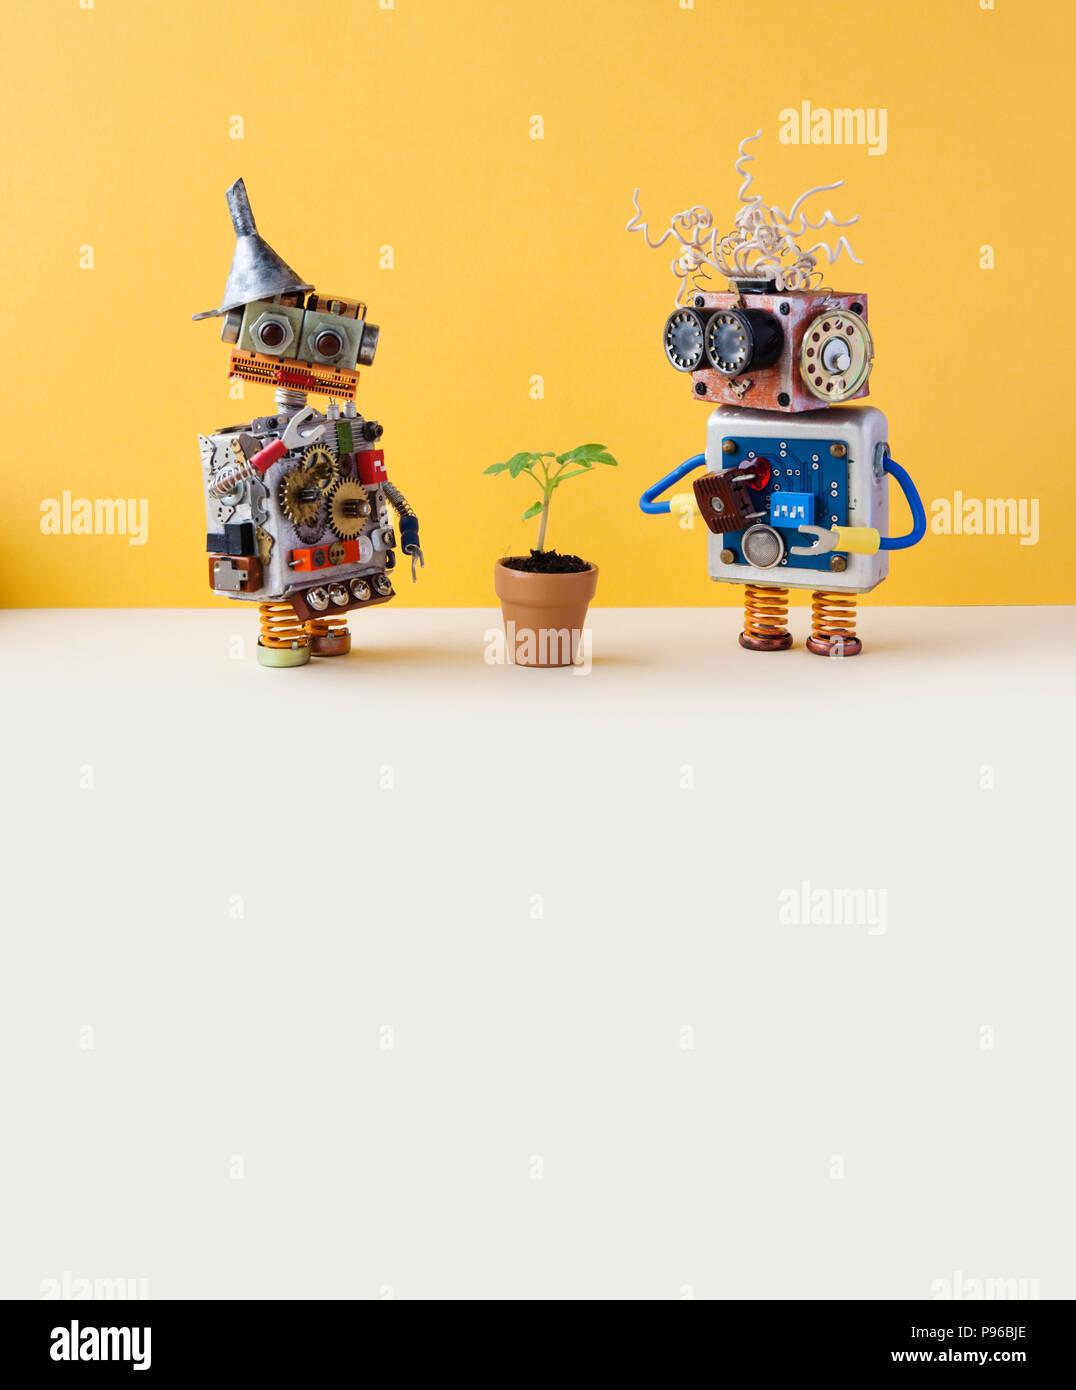 Due robot amichevole e pianta verde in un fiore pentola di creta. La tecnologia contro la vita organica impiantistica. Parete gialla sfondo, pavimento bianco. Copia dello spazio. Immagini Stock